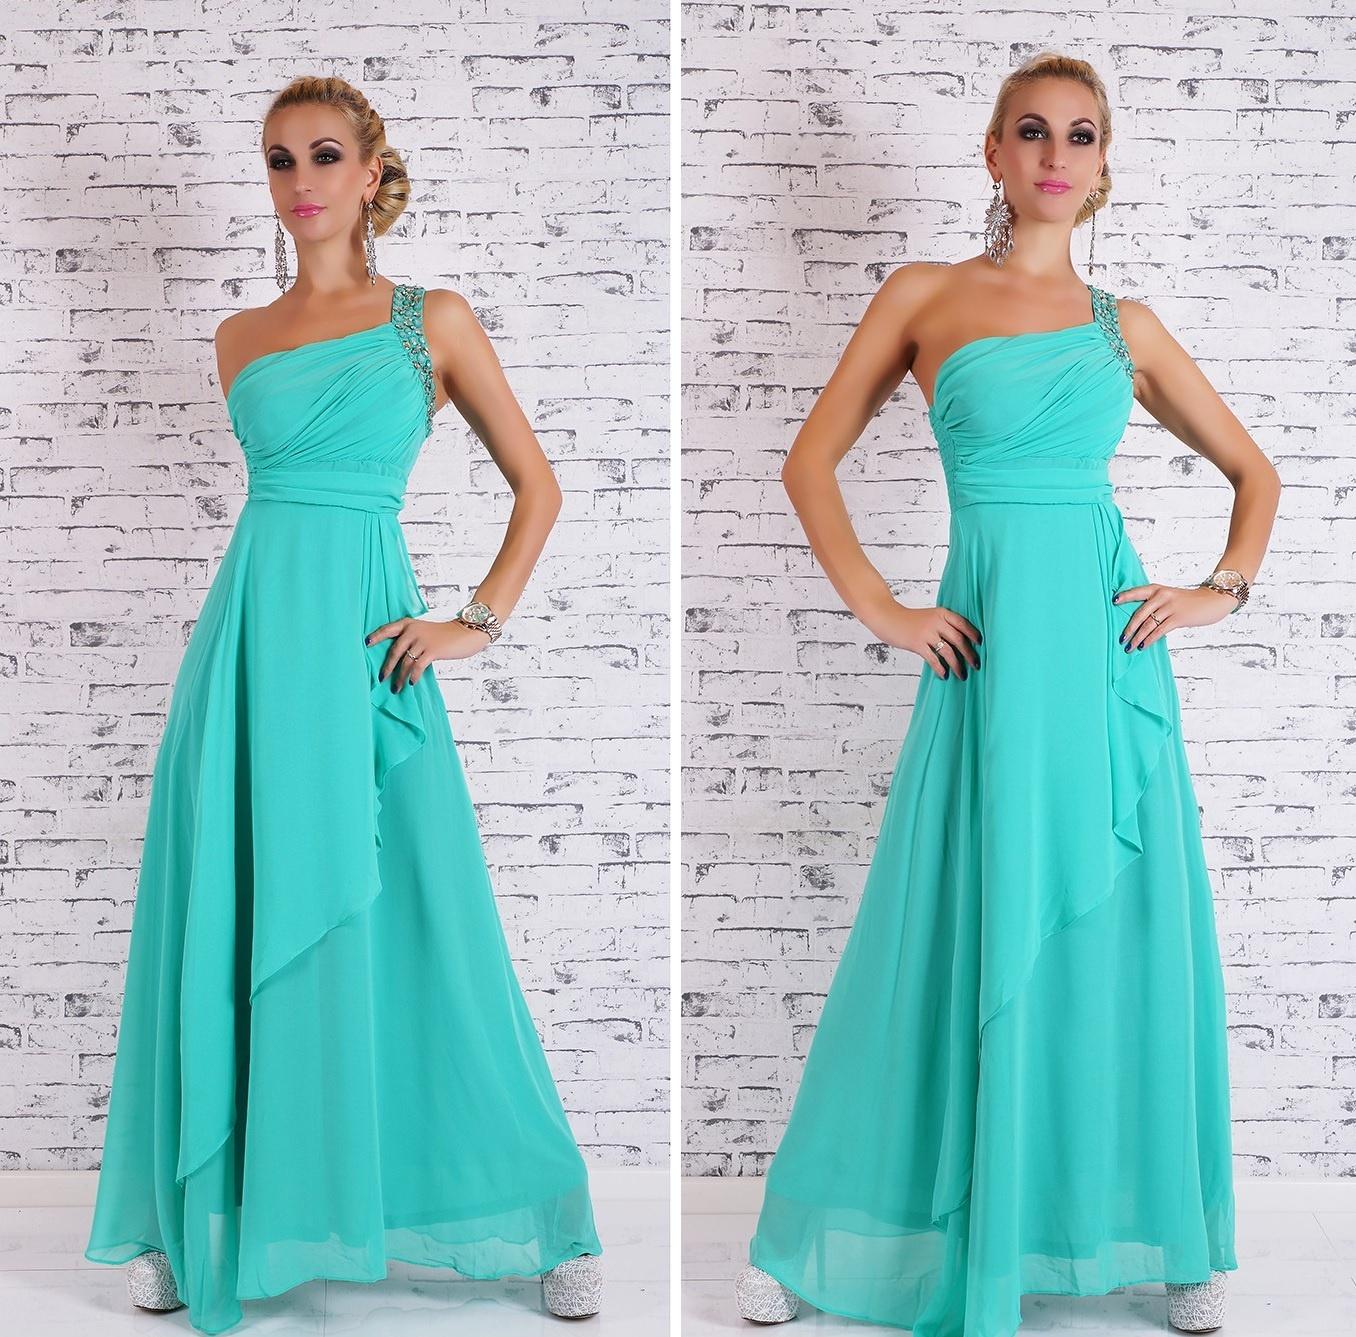 Dlouhé dámské společenské/plesové šaty - MINT - vel. M/L